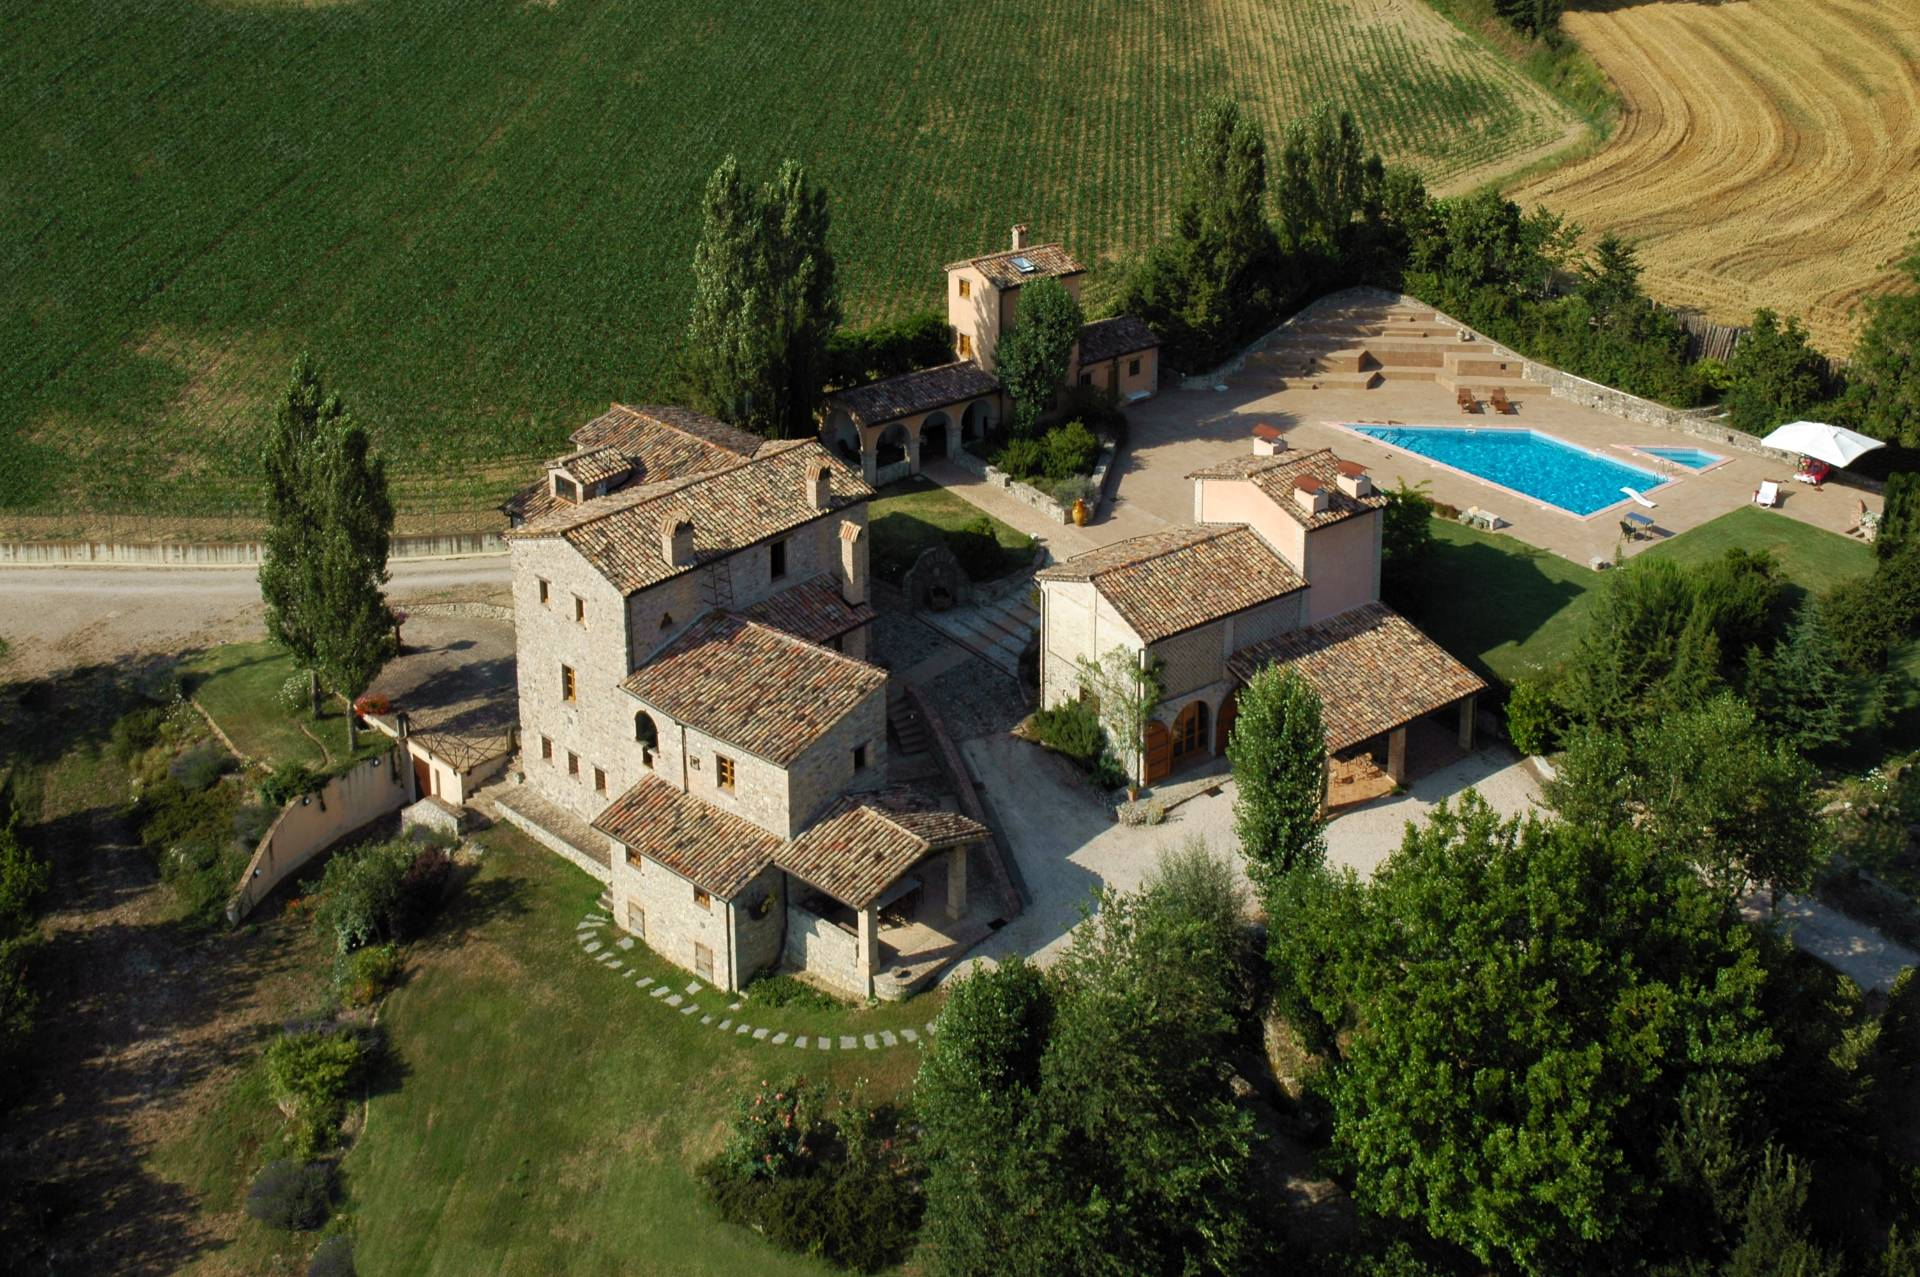 Rustico in Vendita a Montone: 5 locali, 700 mq - Foto 7